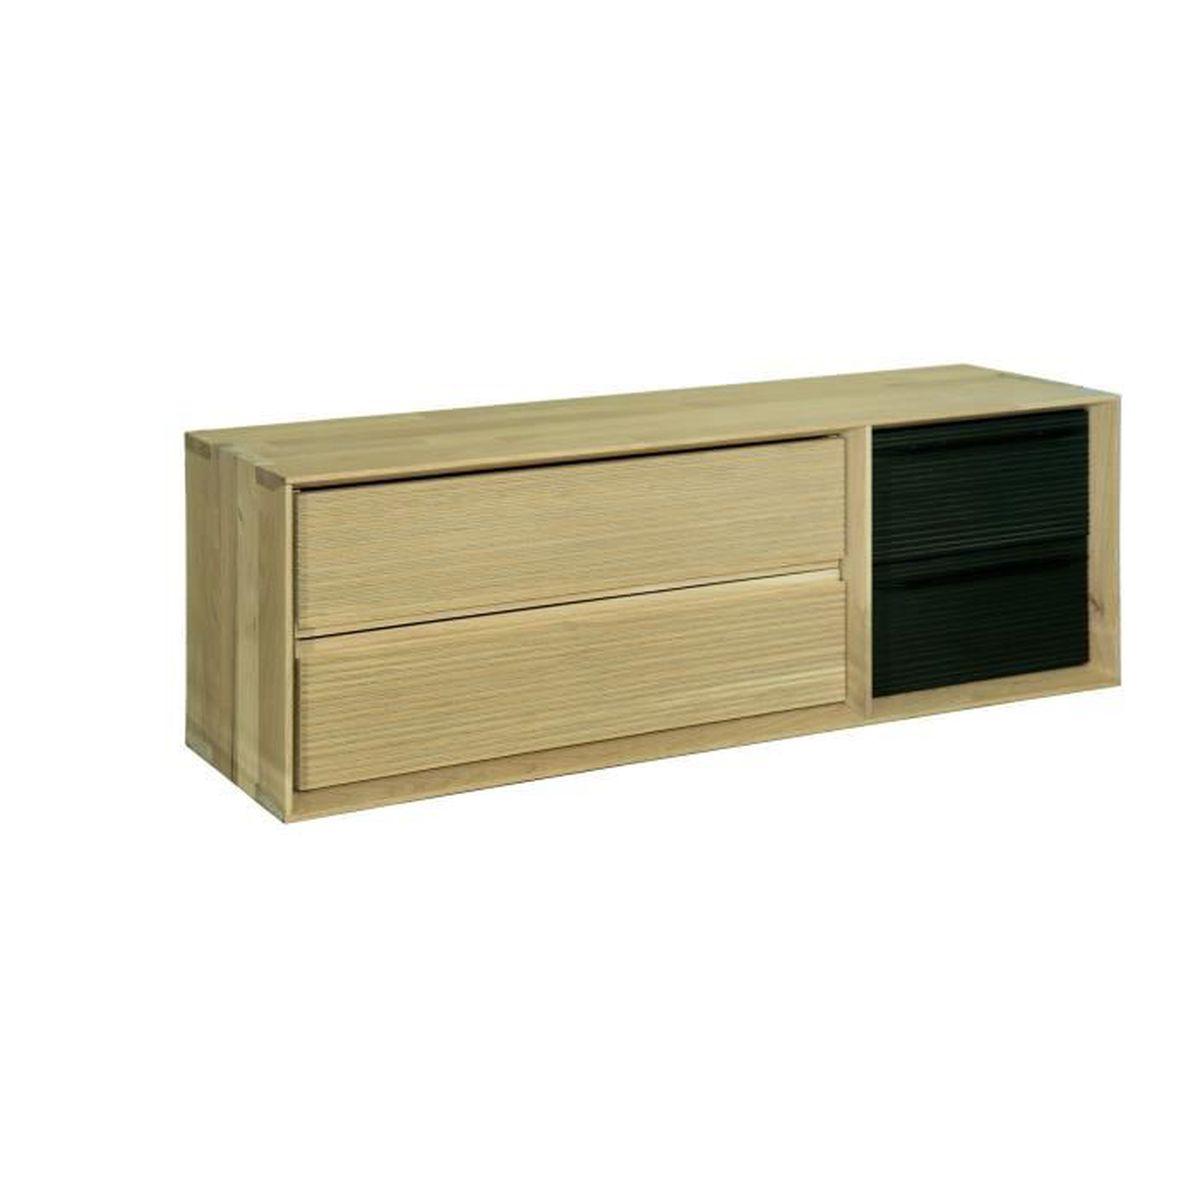 Fine meuble meuble tv biseaut 2 cases avec 2 blocs for Meuble tv avec tiroir